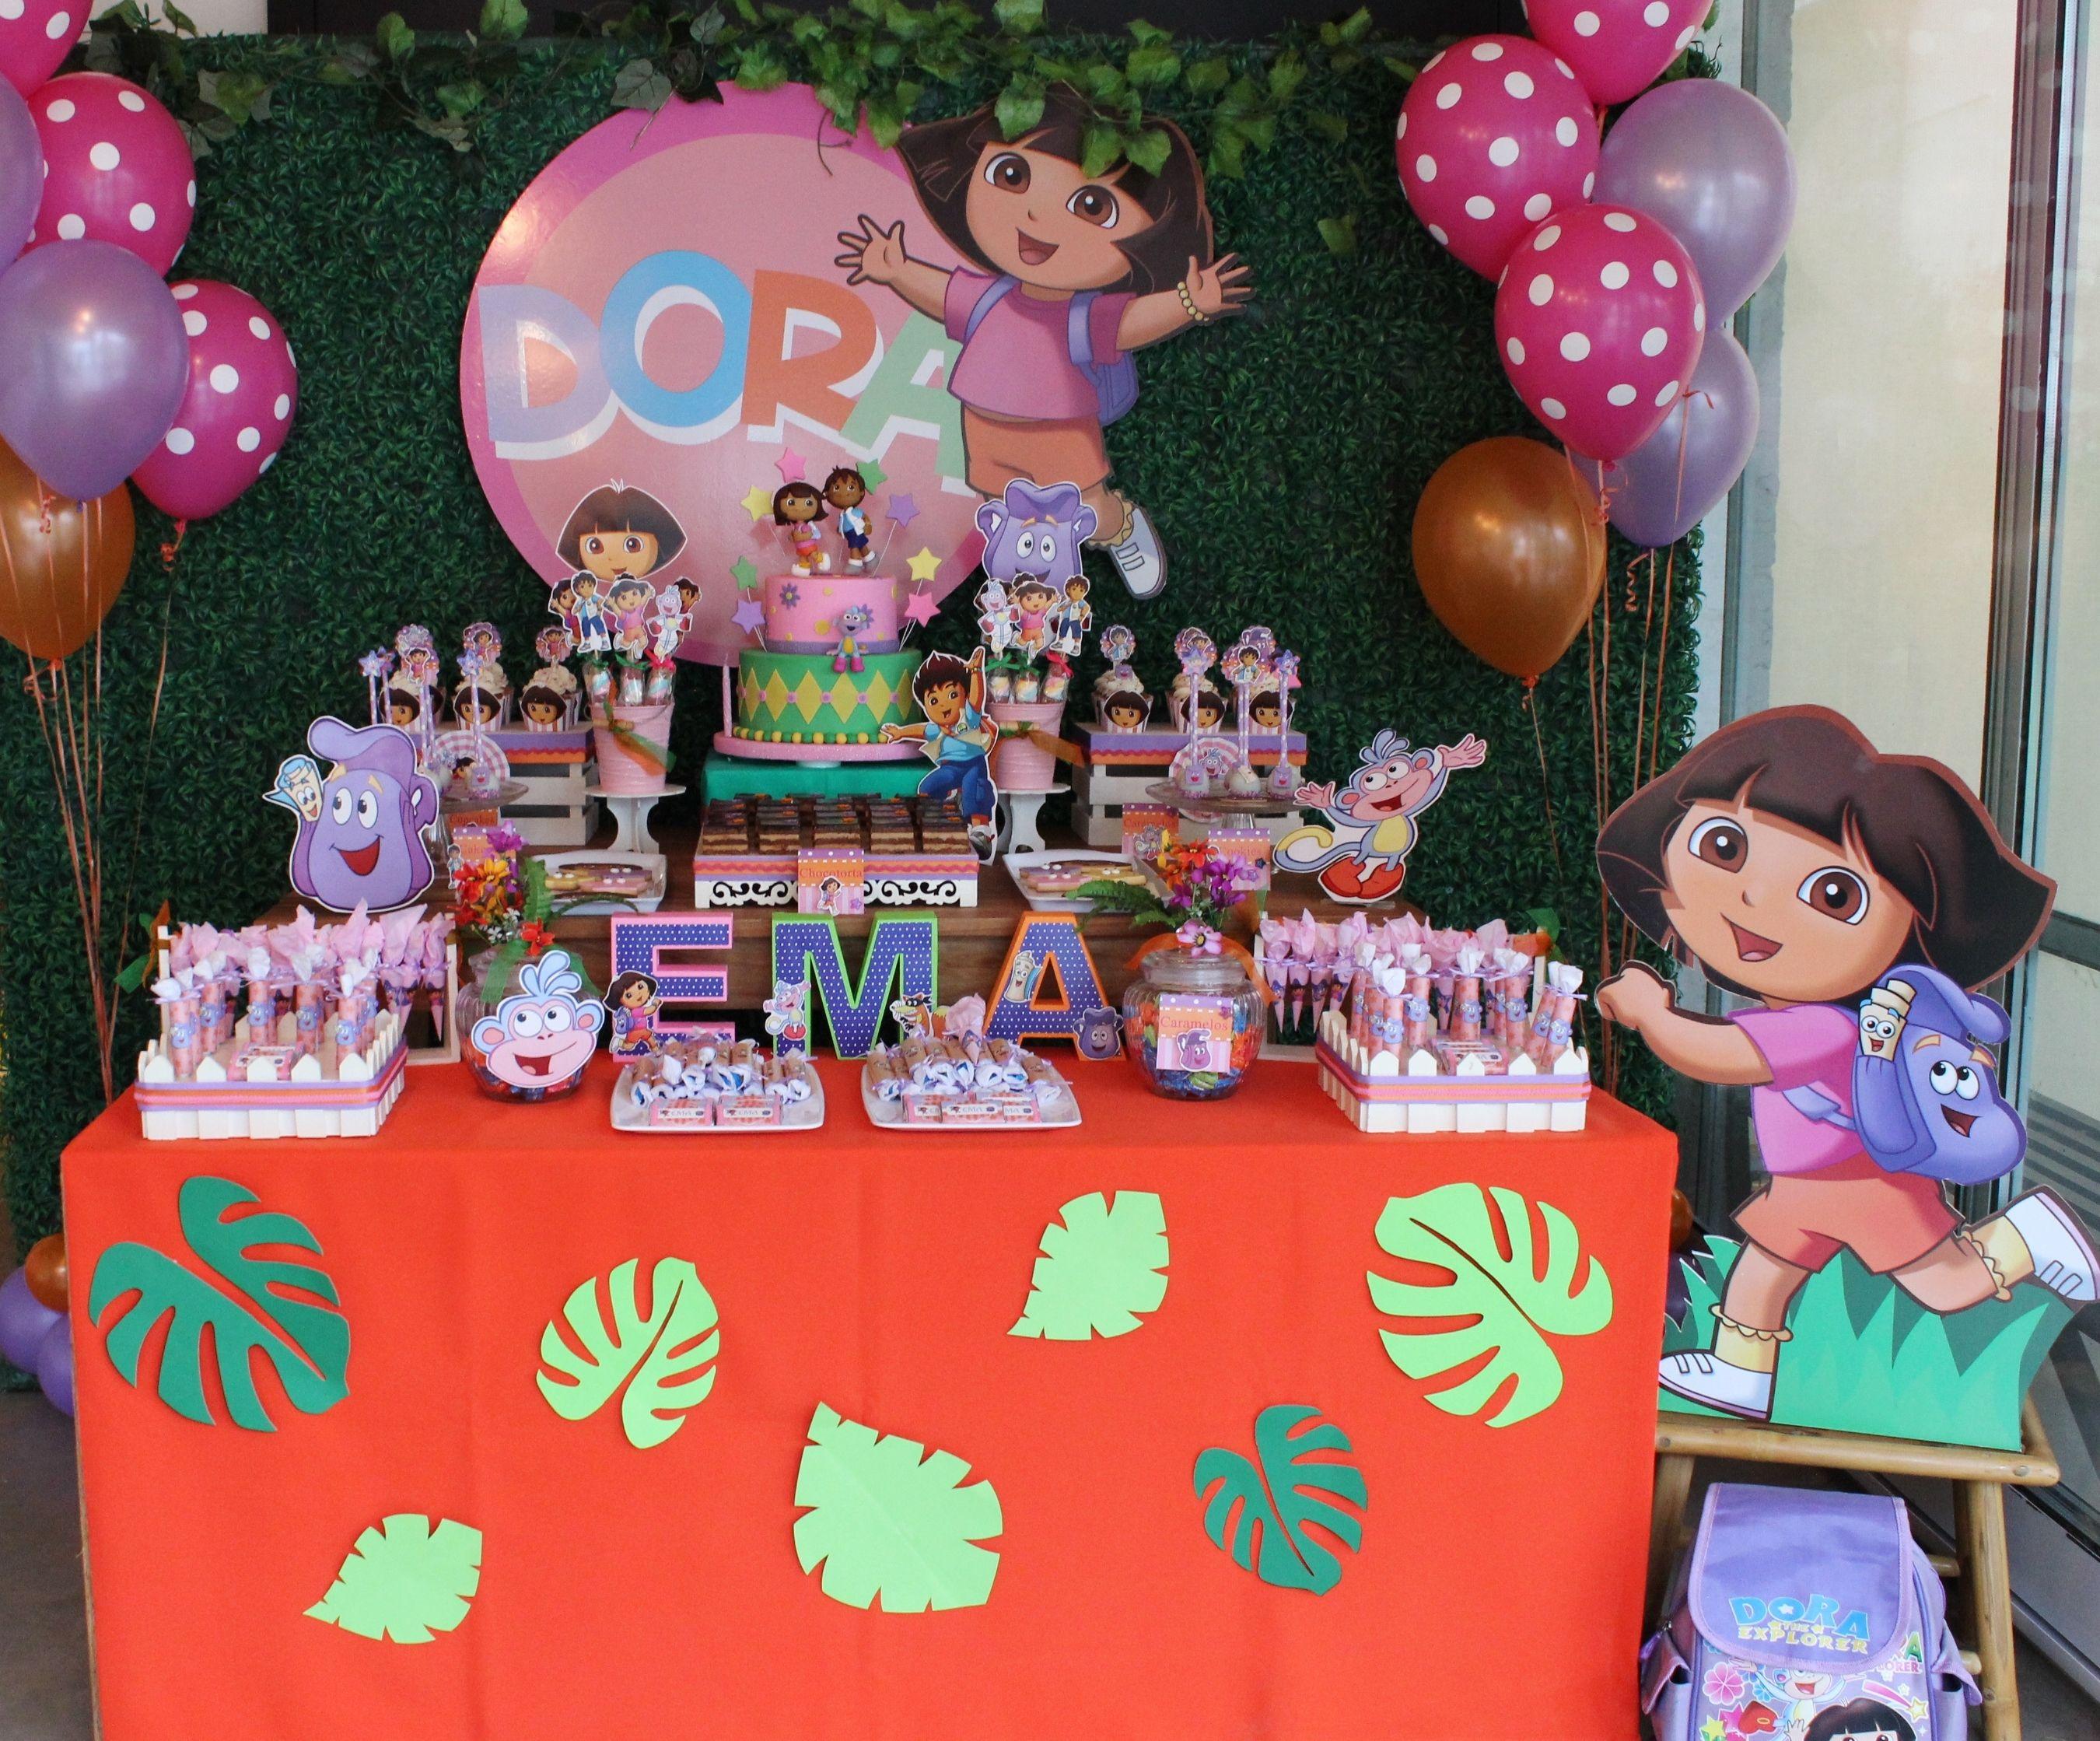 Invitaciones De Cumpleaños De Dora La Exploradora Para Dedicar 10 en ...